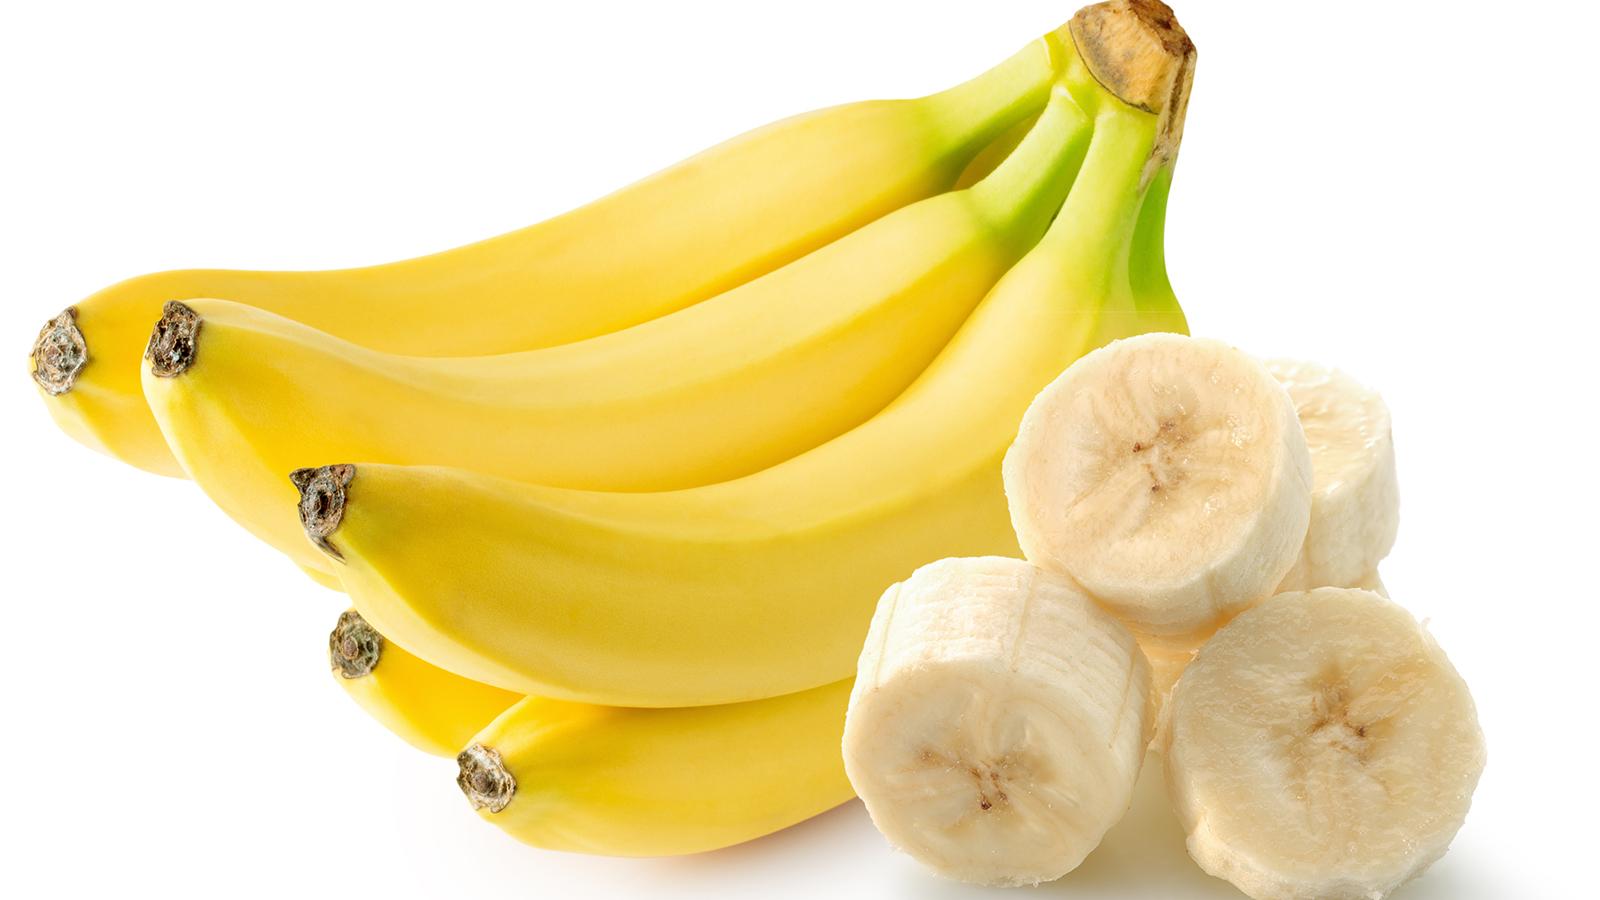 【超基礎】糖質制限ダイエット中のバナナは大丈夫? バナナのカロリーやビタミンについても解説。